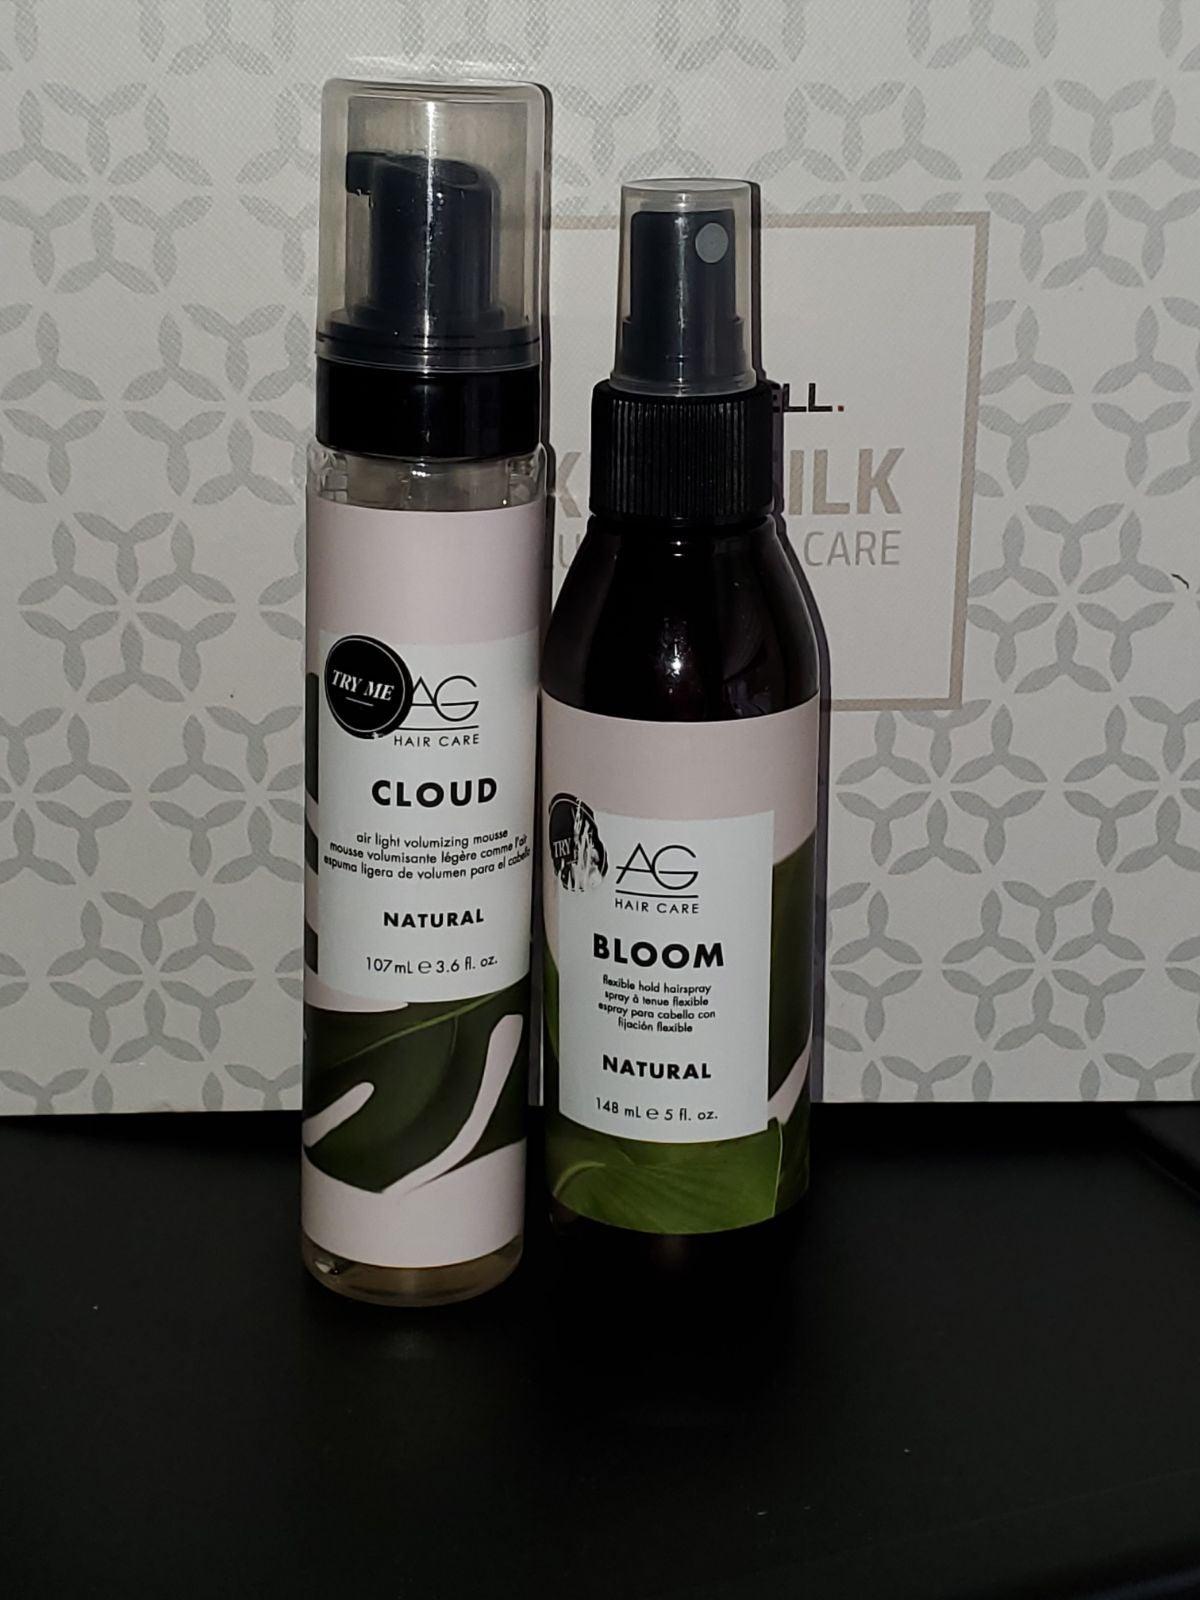 AG Cloud & Bloom